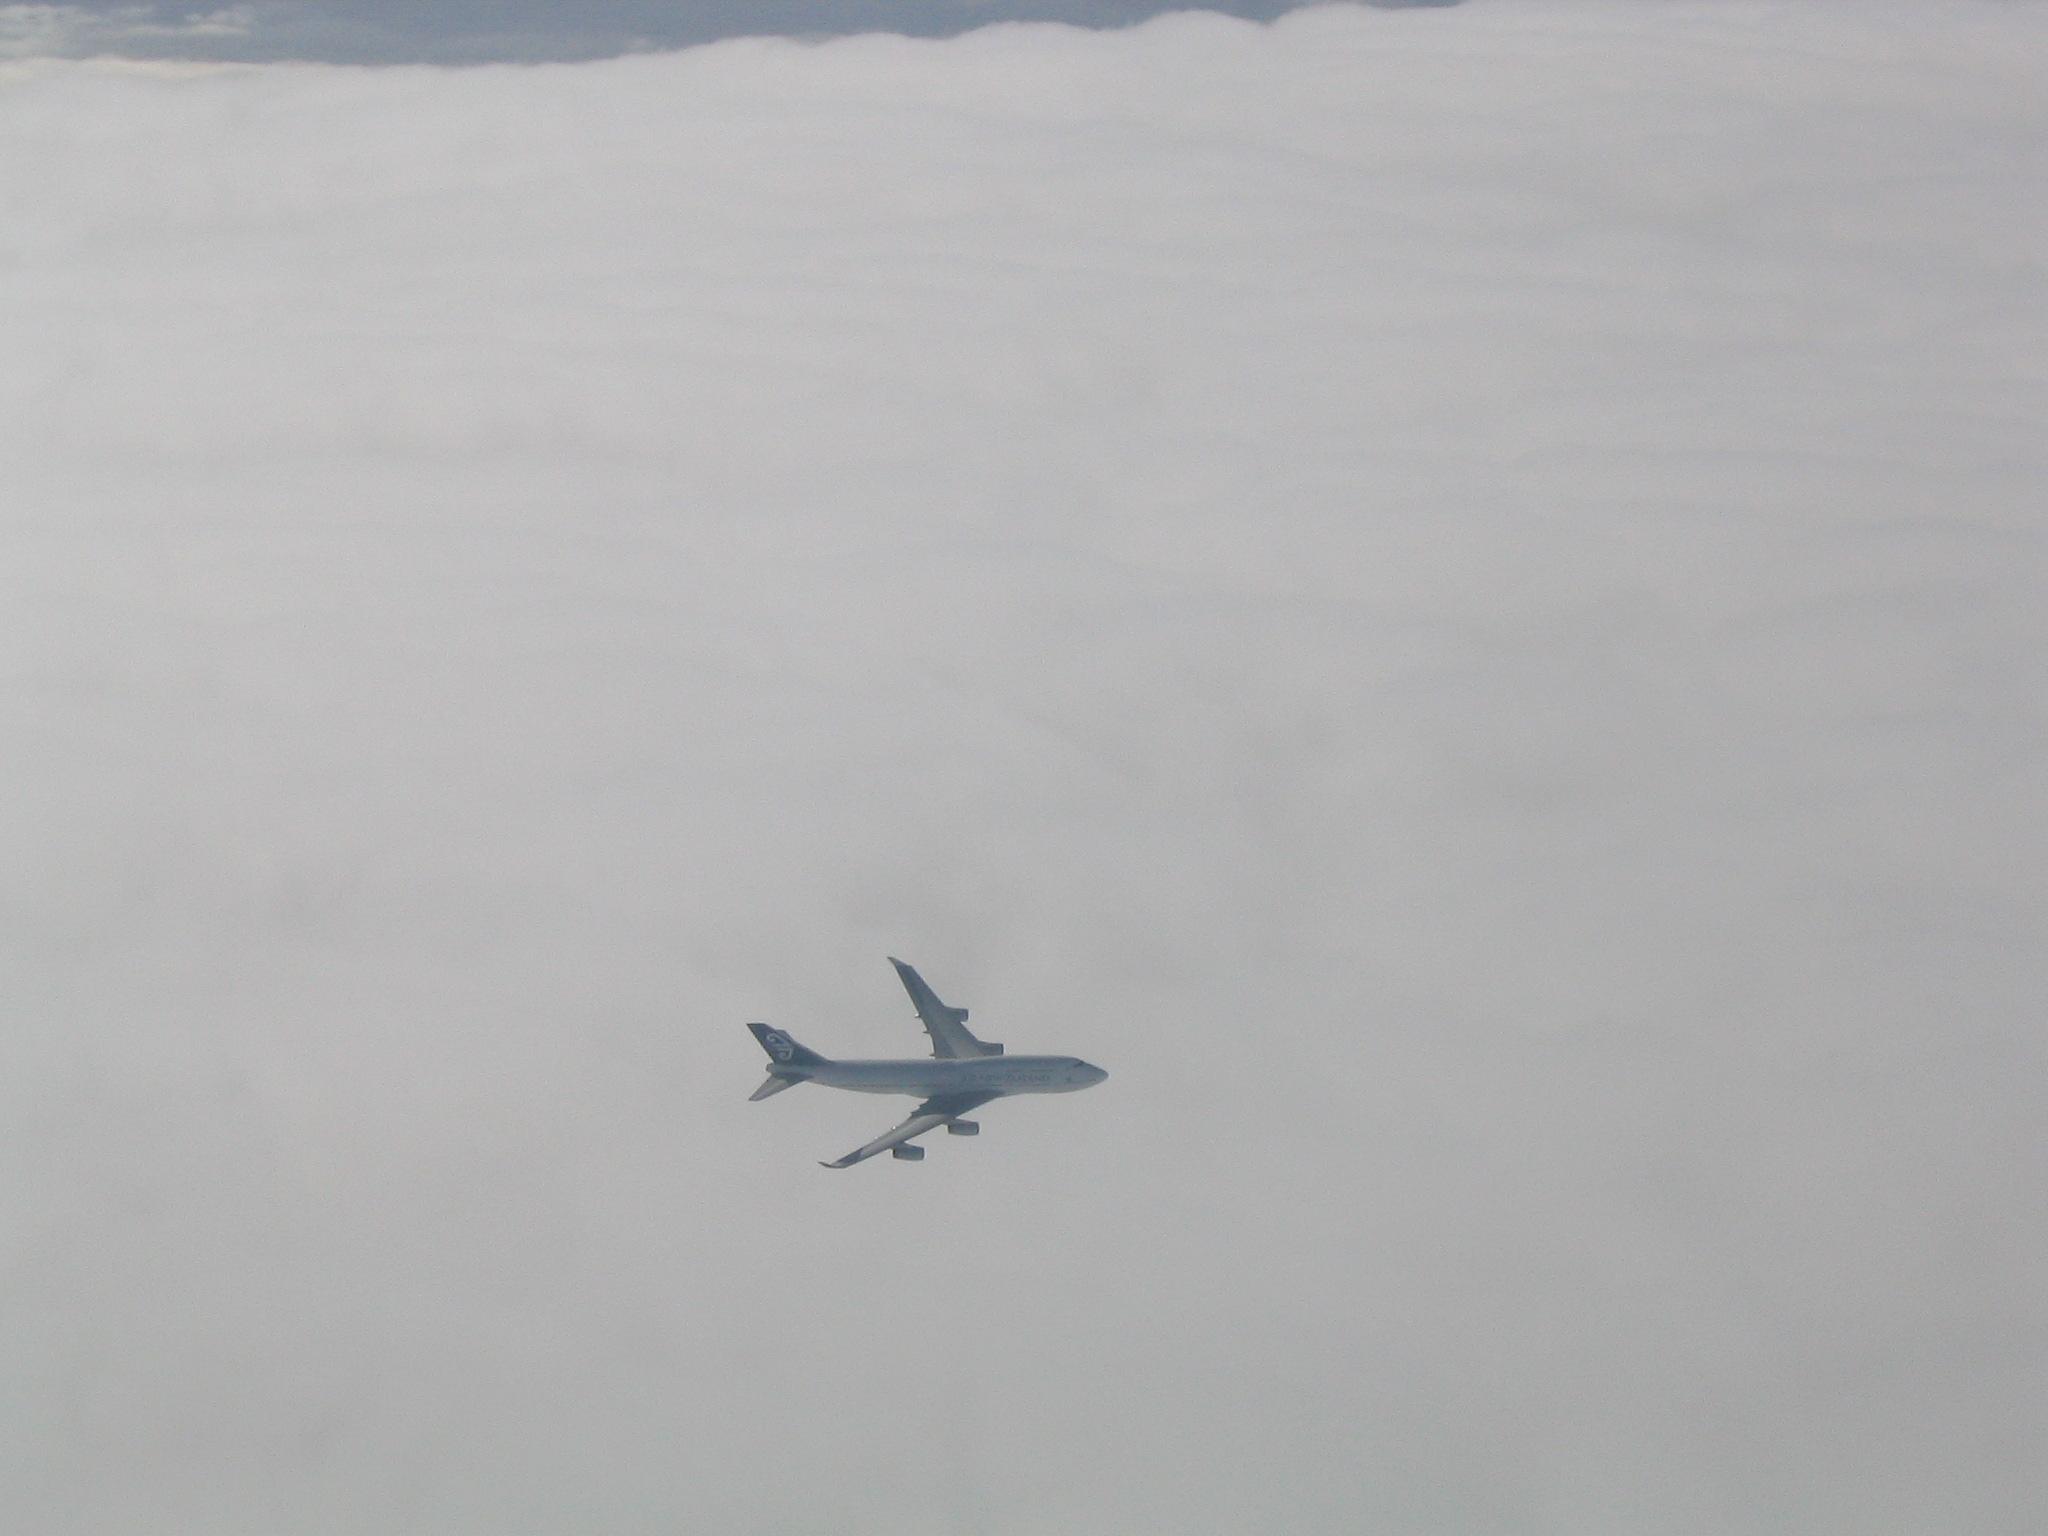 Flugausfälle wegen Tropensturm in Neuseeland